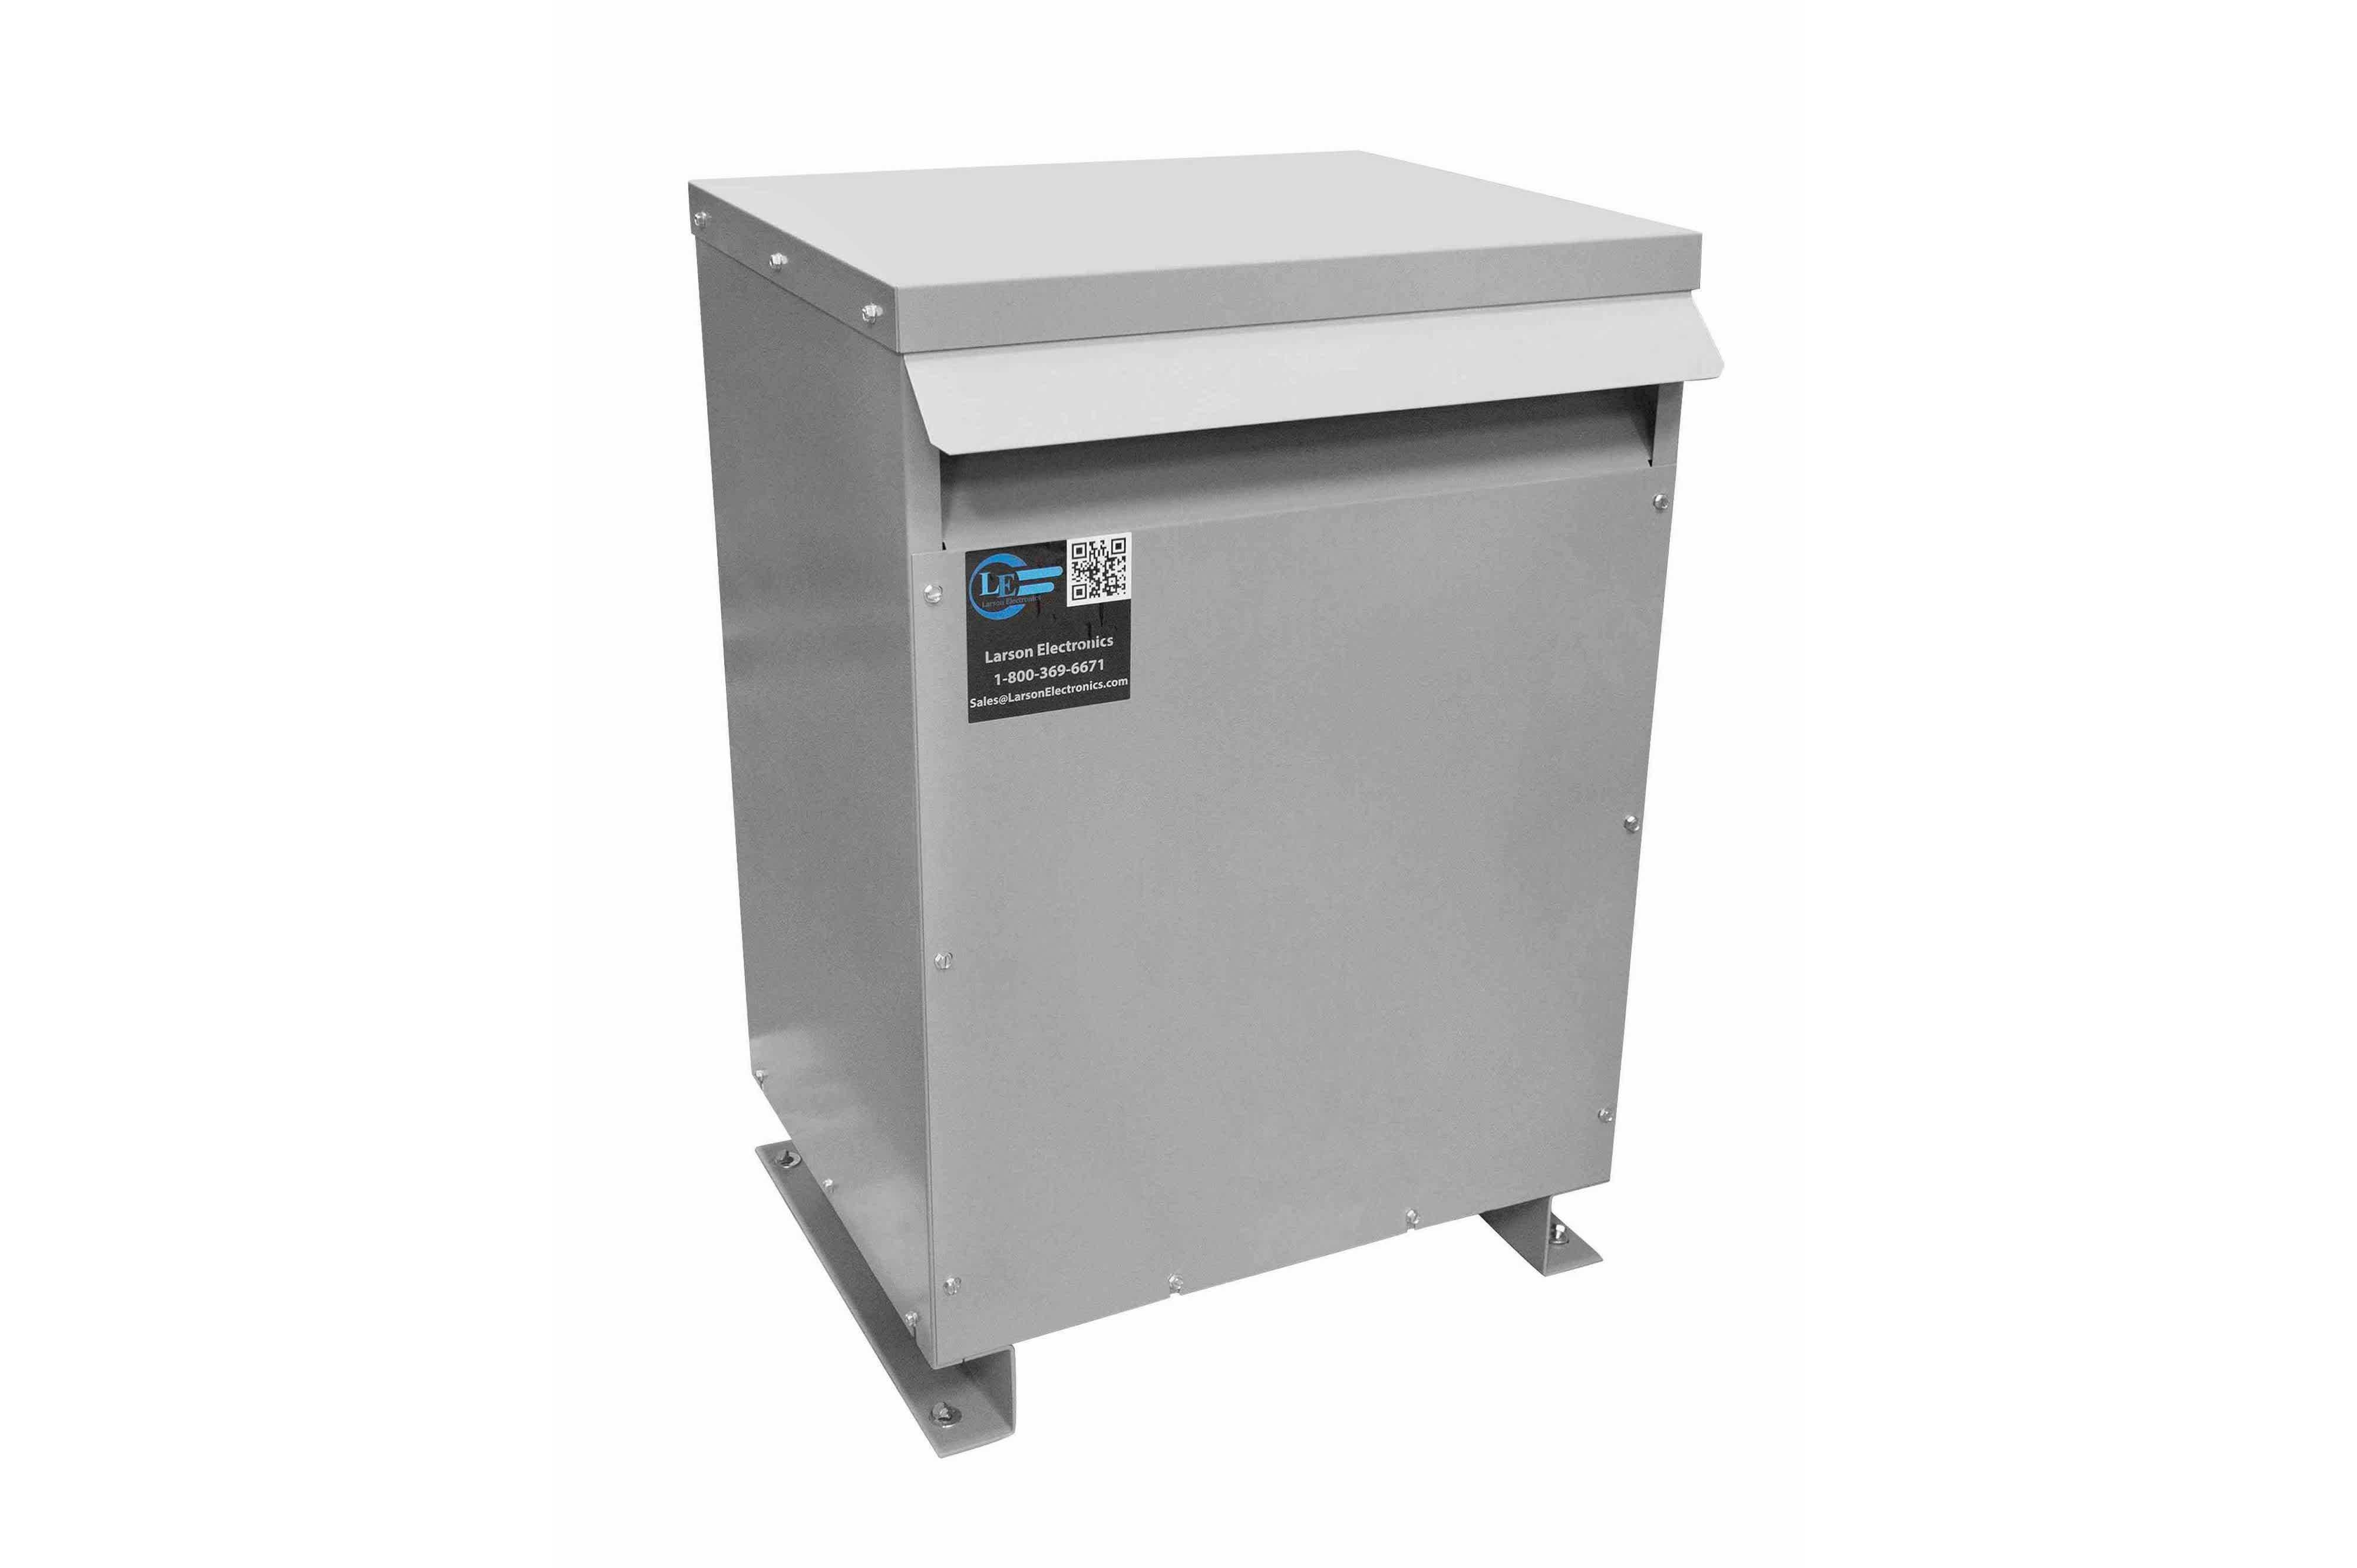 300 kVA 3PH DOE Transformer, 575V Delta Primary, 240V/120 Delta Secondary, N3R, Ventilated, 60 Hz